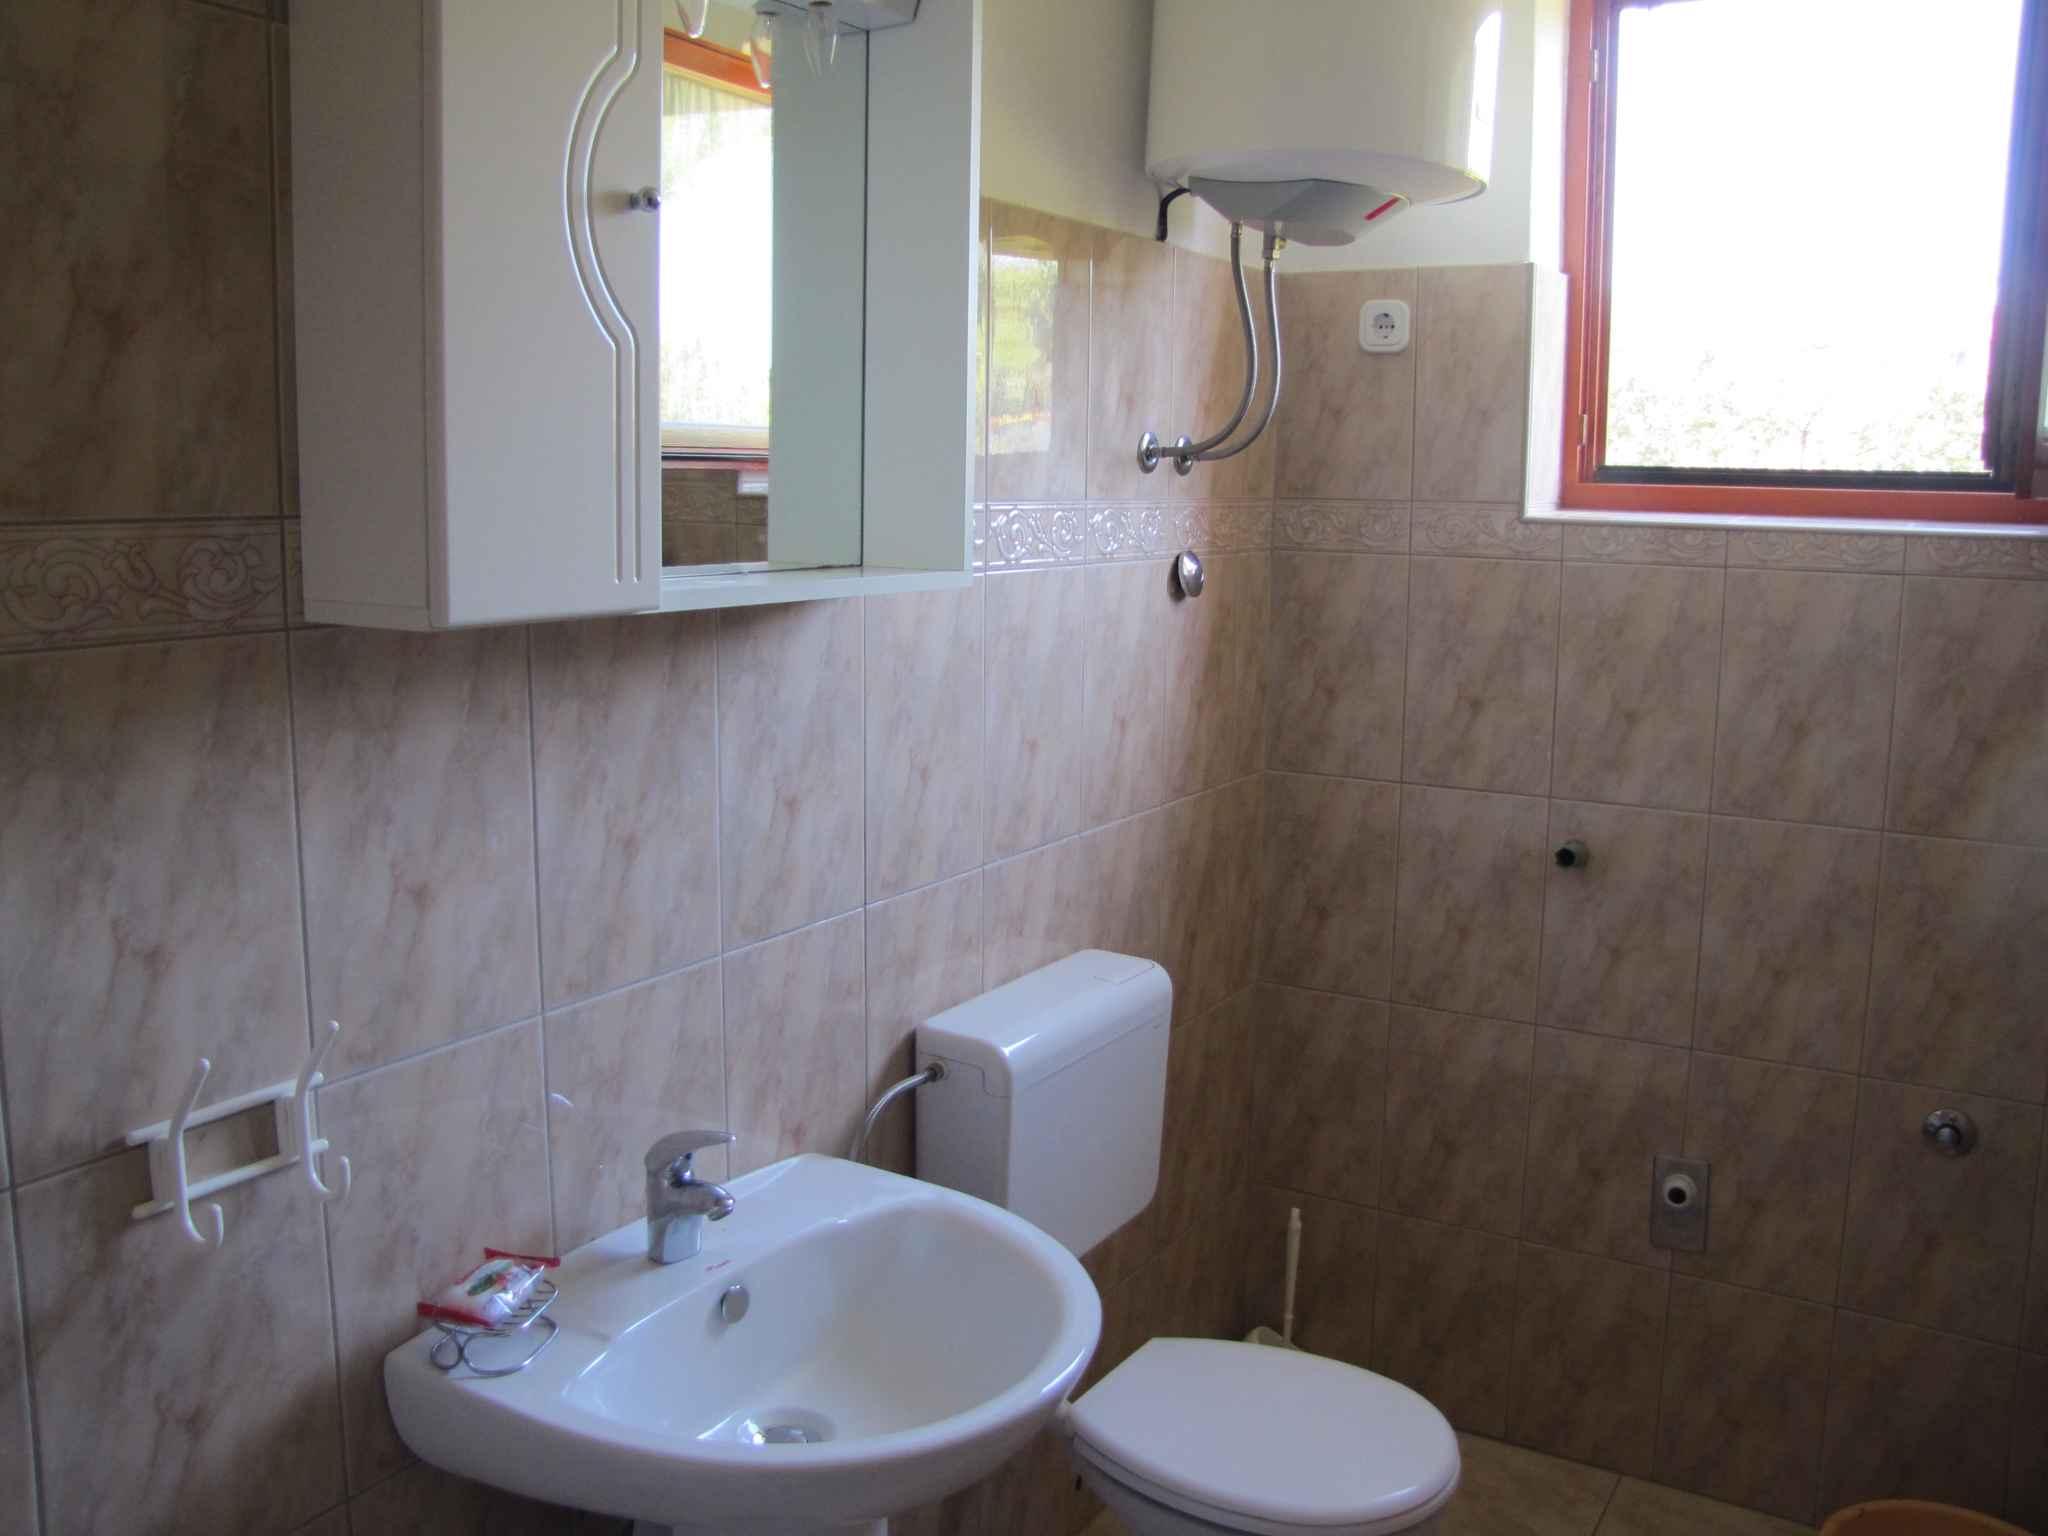 Ferienwohnung mit SAT-TV in ruhiger Lage (280672), Pula, , Istrien, Kroatien, Bild 21